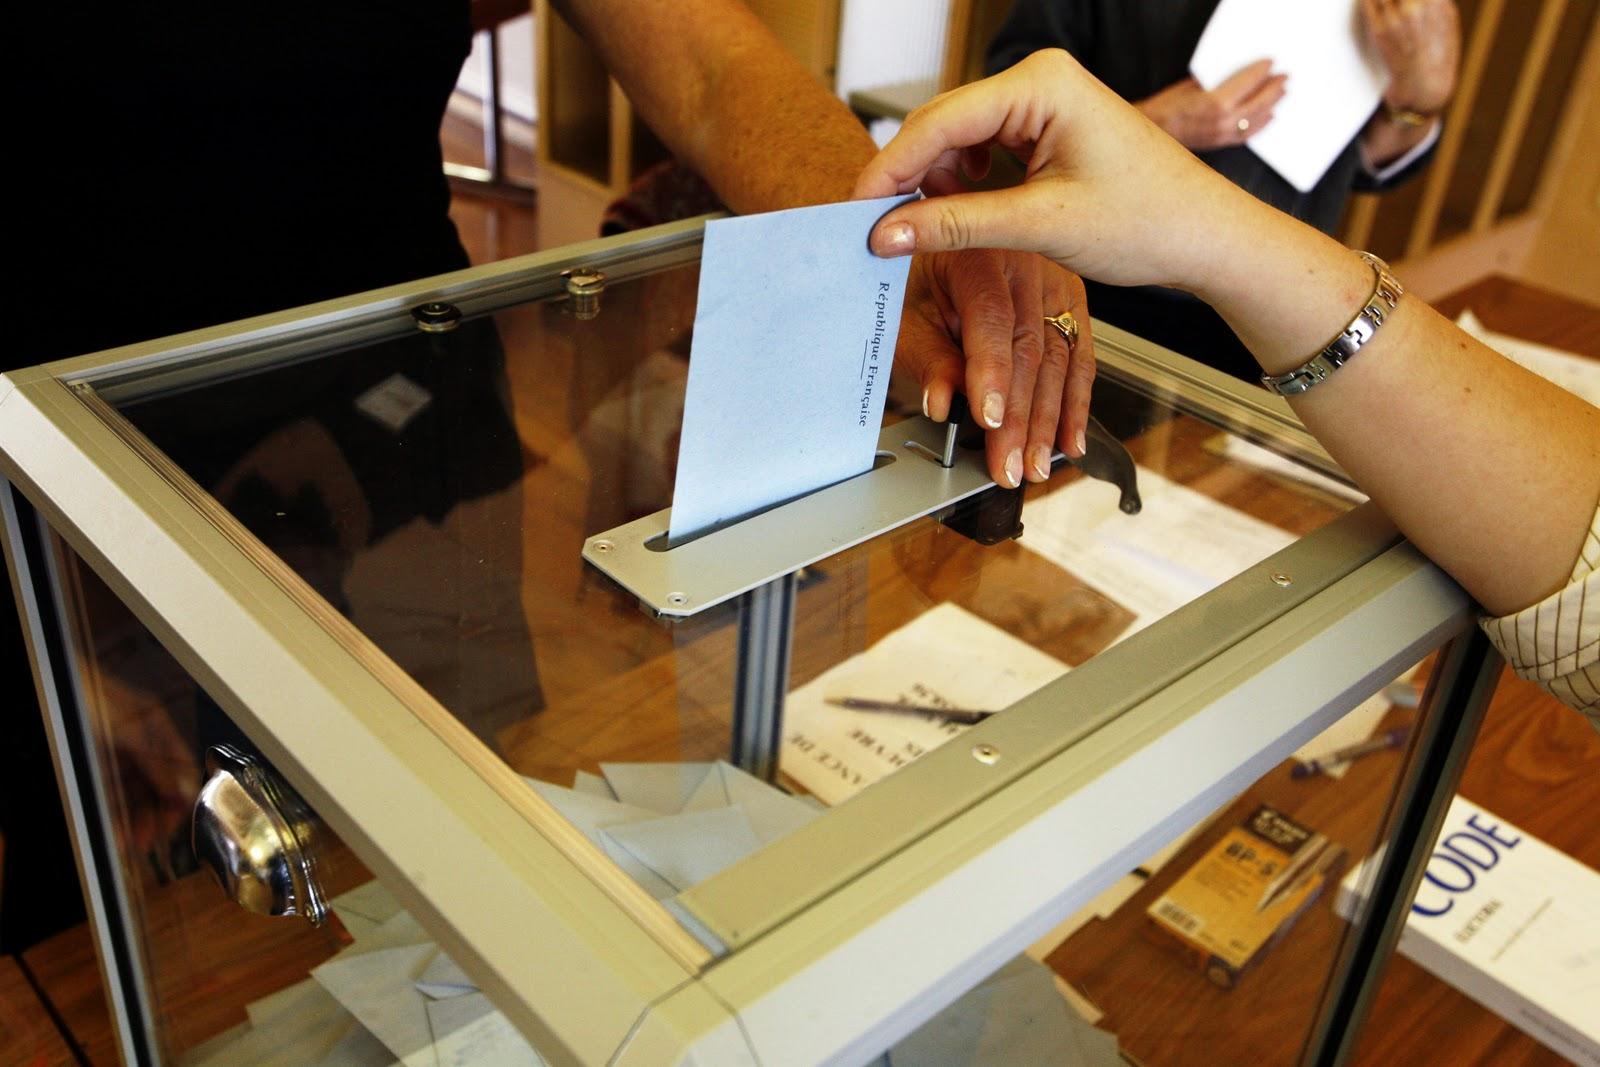 la position de la cour edh sur le droit de vote des d tenus l interdiction d une restriction. Black Bedroom Furniture Sets. Home Design Ideas